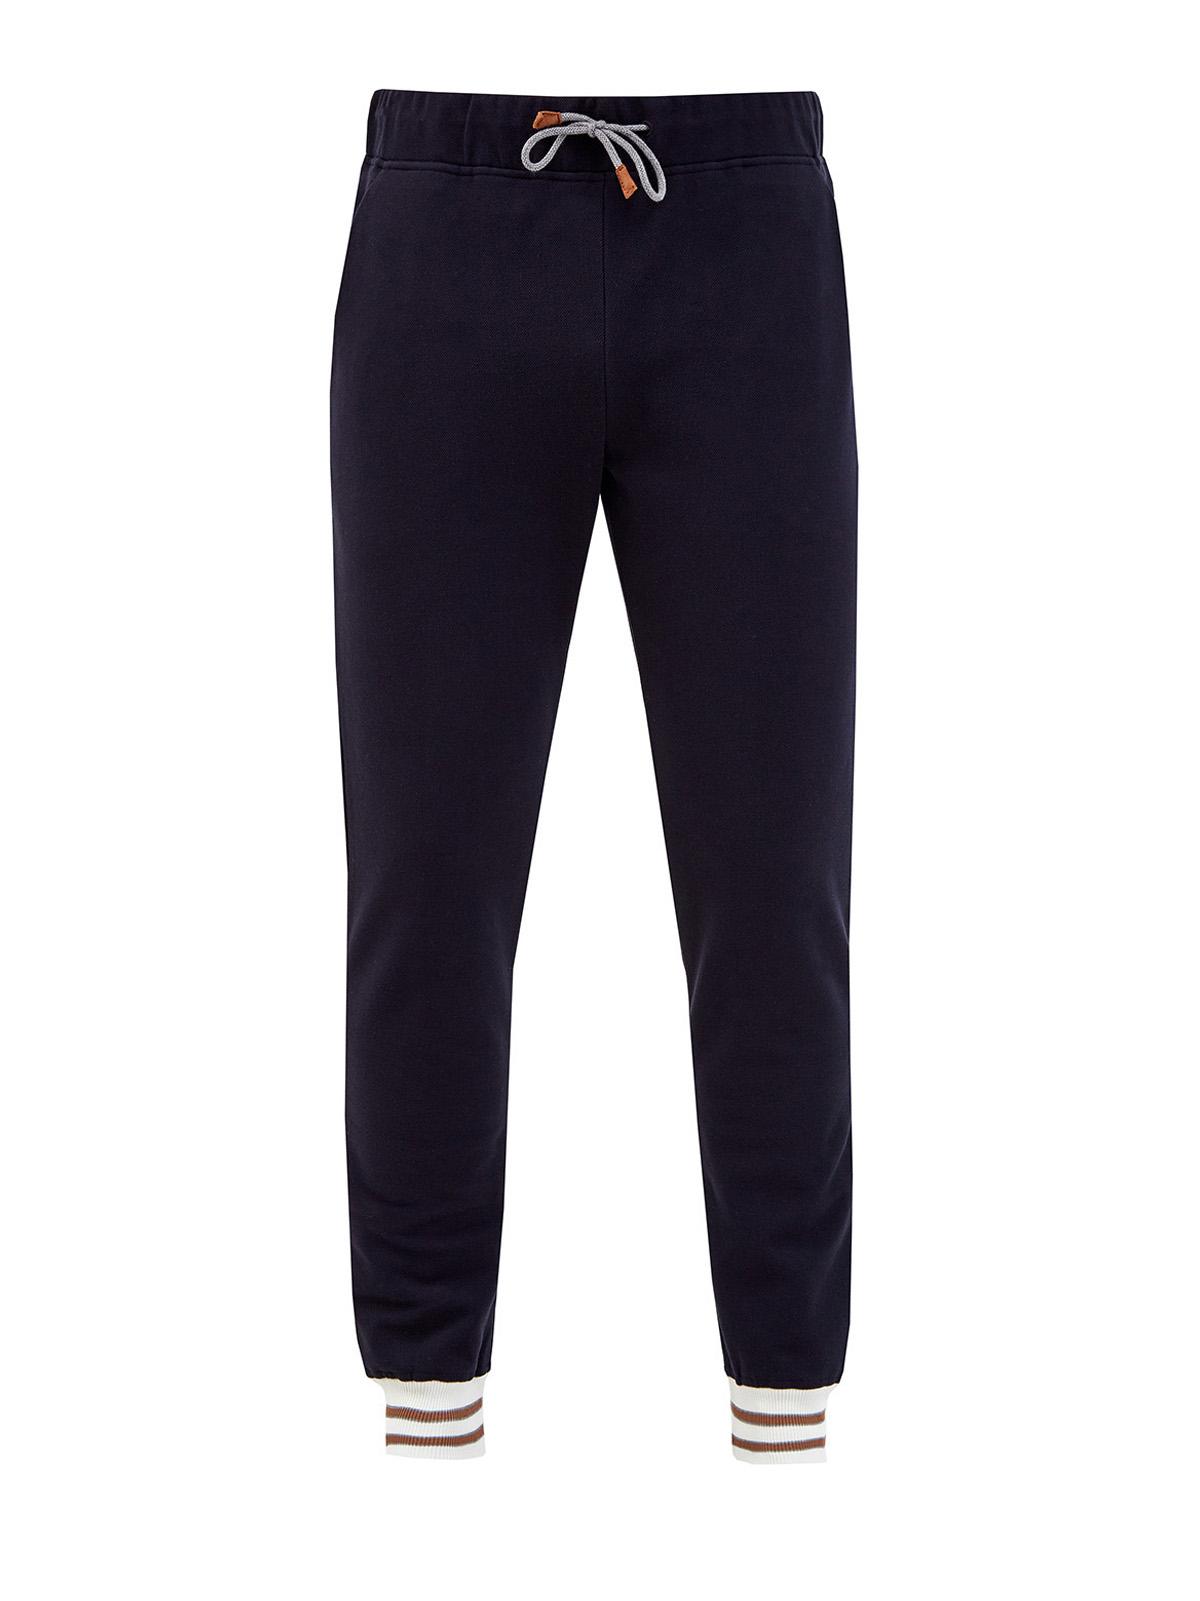 Хлопковые брюки-джоггеры с контрастными манжетами